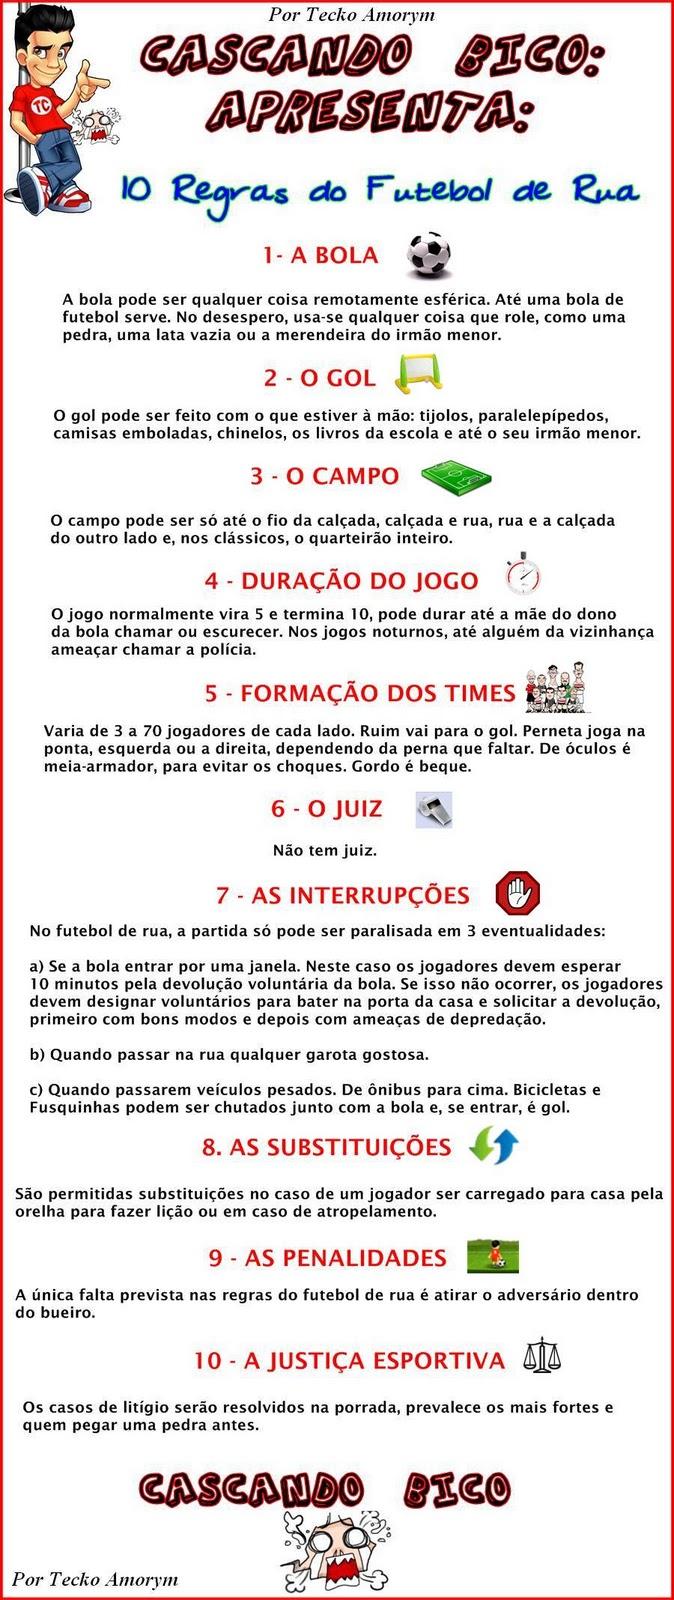 466976d205 Cascando Bico  Regras do Futebol de Rua